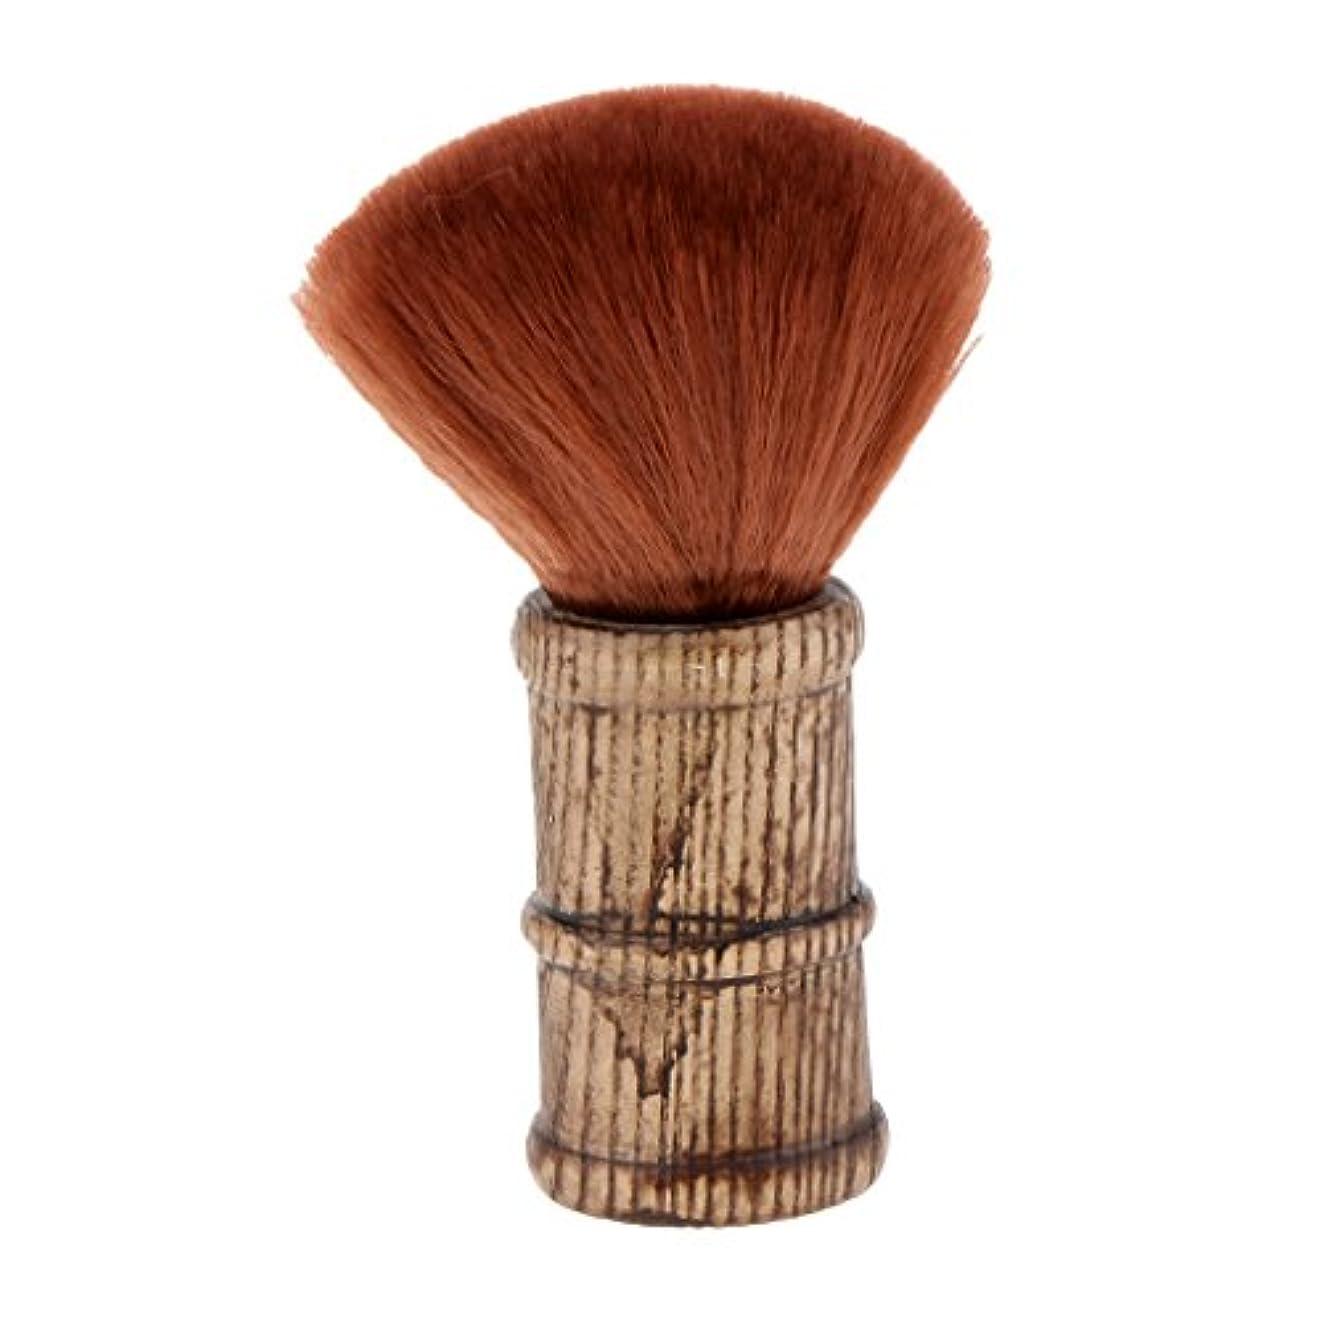 リンス発見可動式Sharplace ネックダスターブラシ ヘアカットブラシ メイクブラシ サロン 理髪師 2色選べ - 褐色